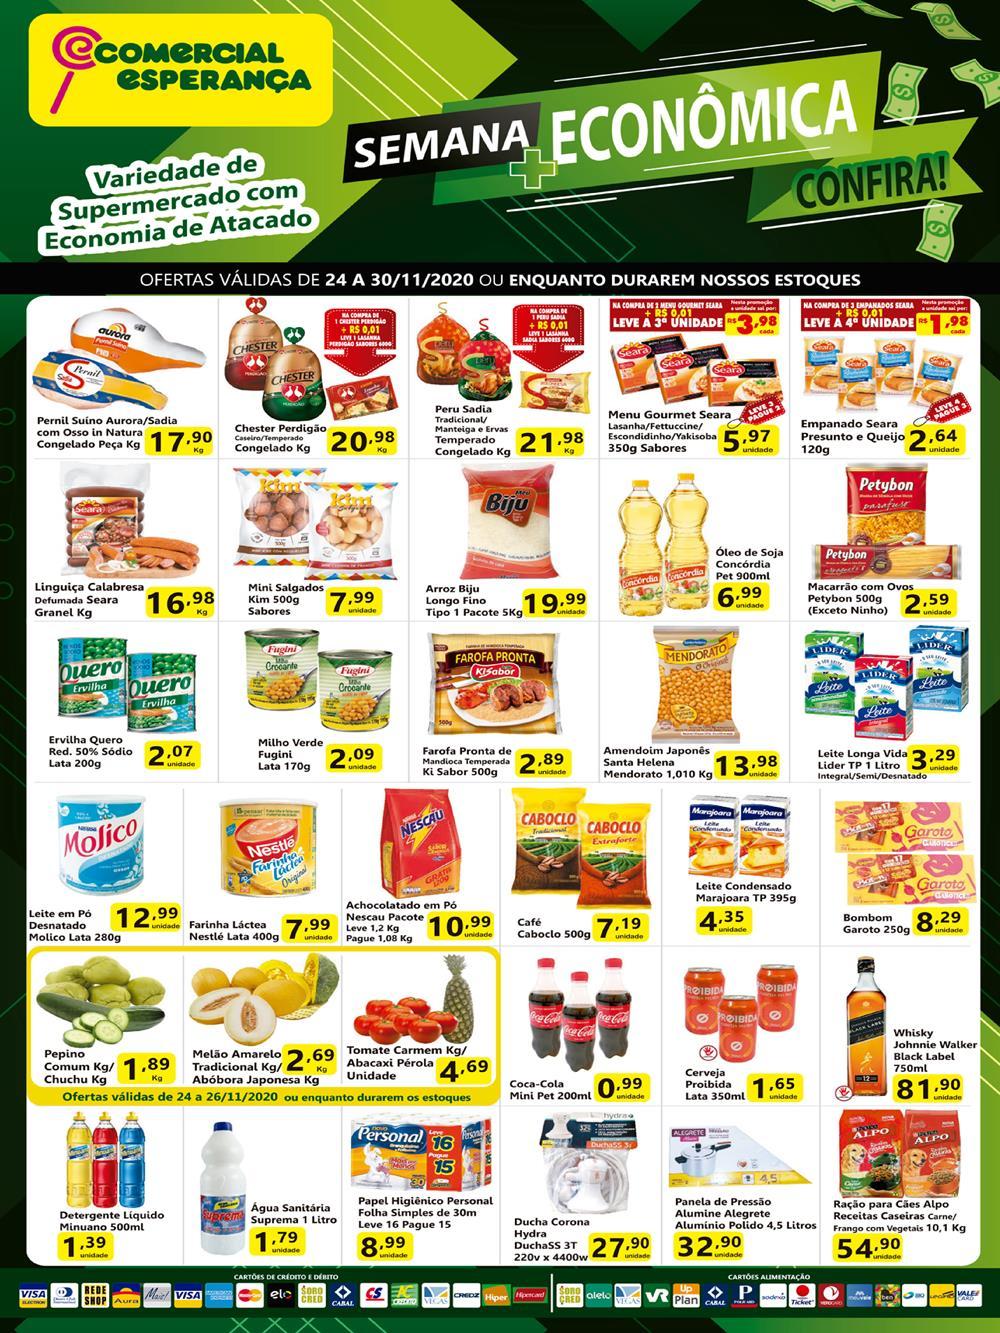 esperanca-ofertas-descontos-hoje1-9 Black Friday Supermercados